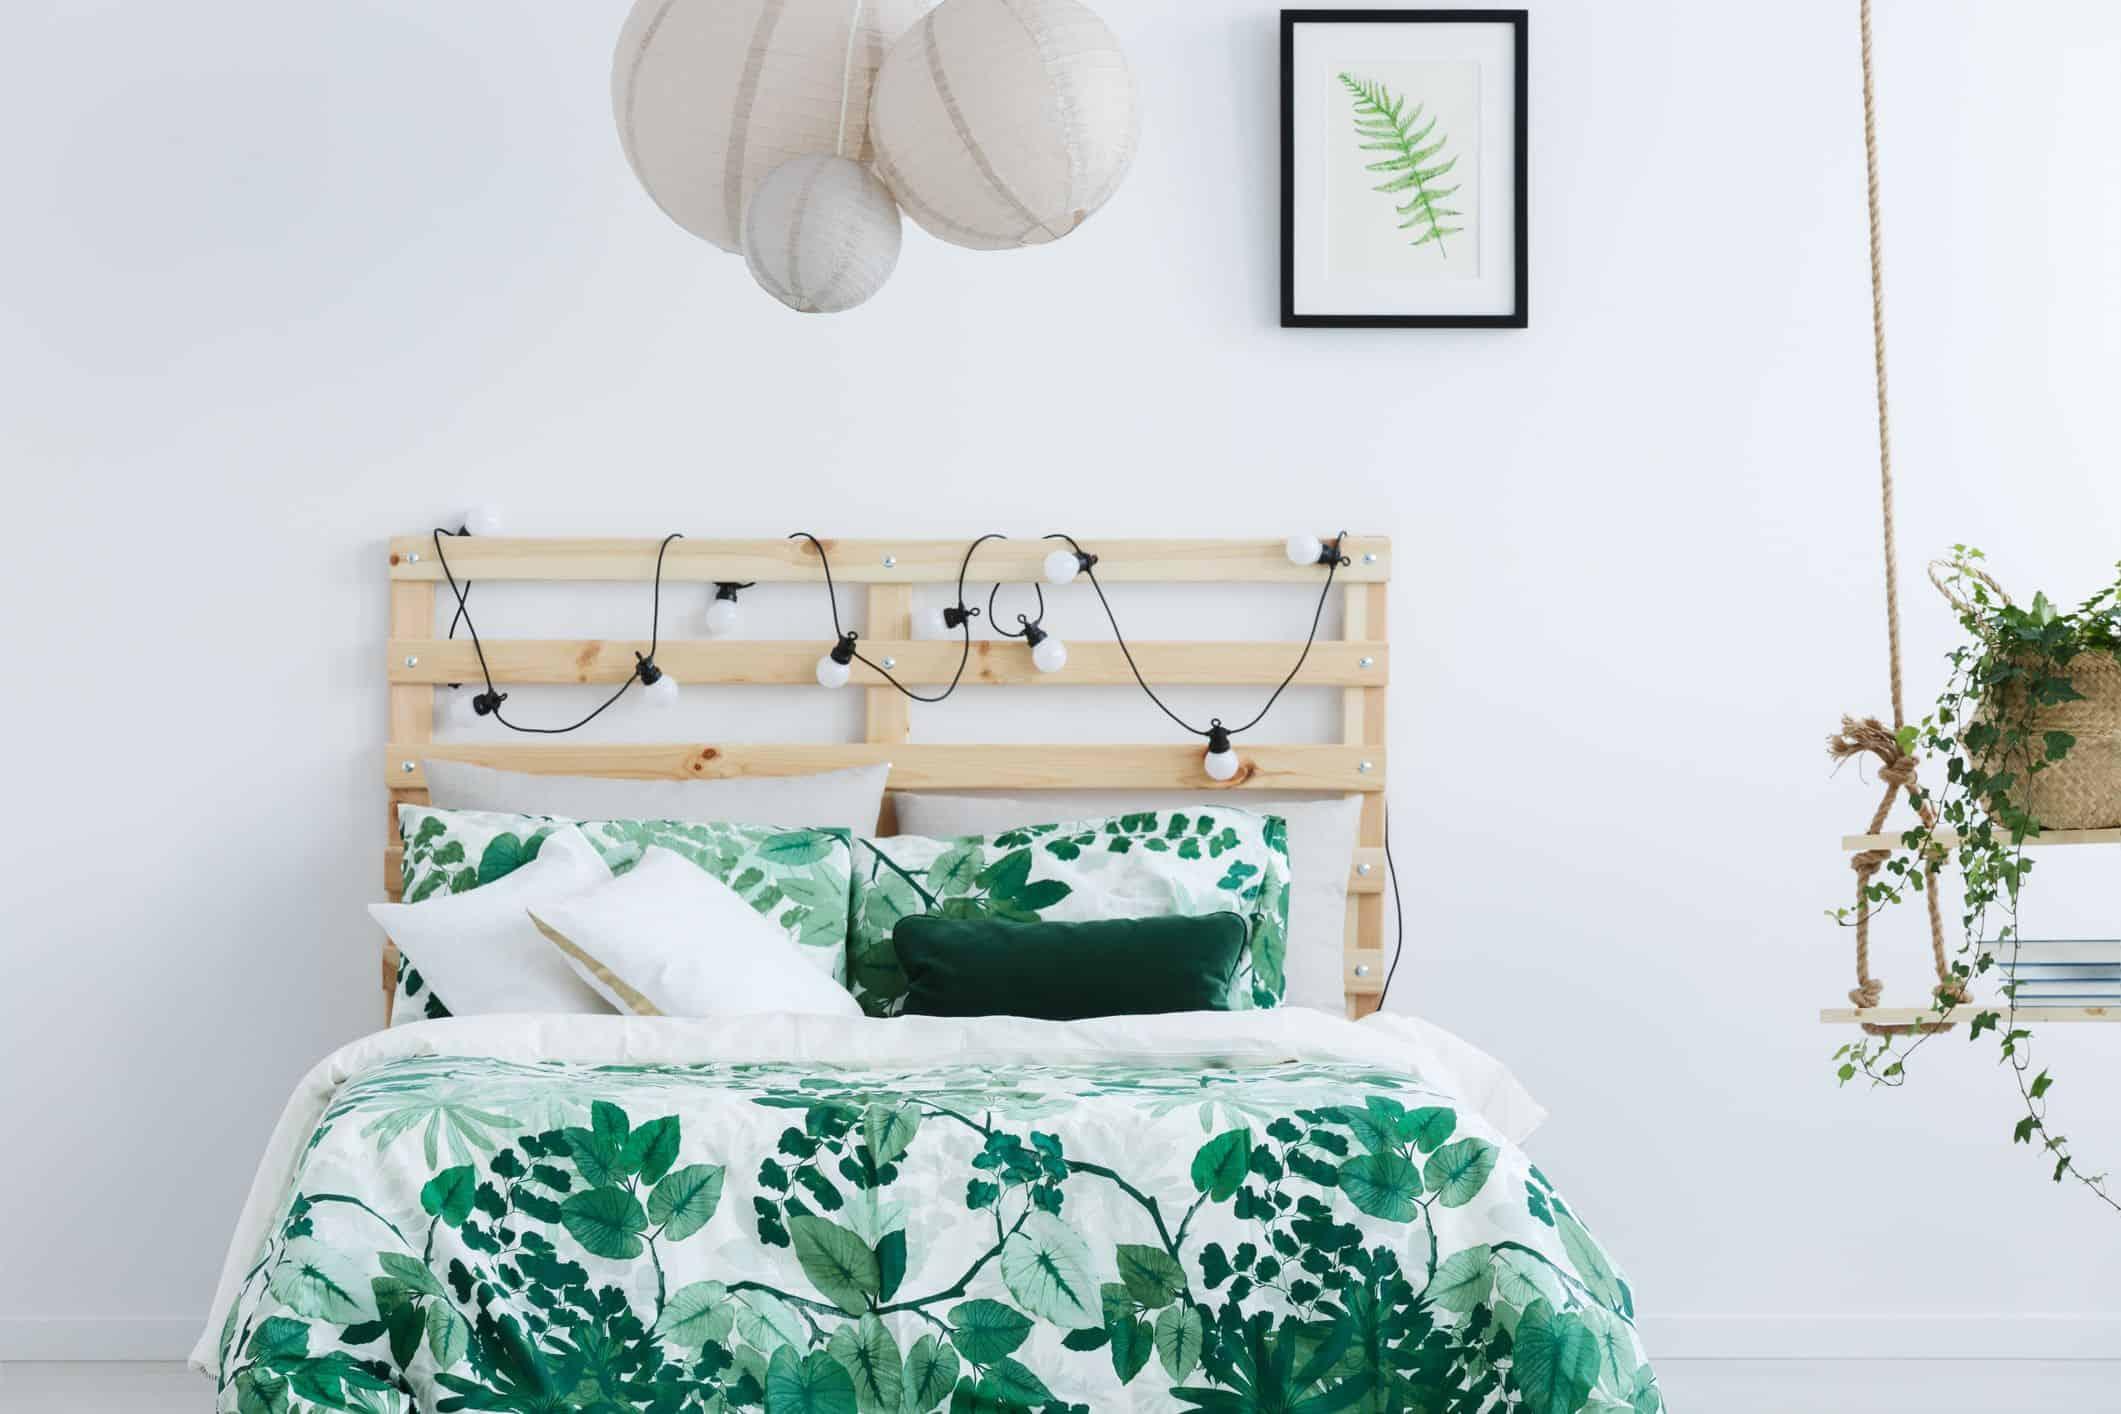 Chambre blanche avec lit en bois image libre de droits 691782182 1547780421